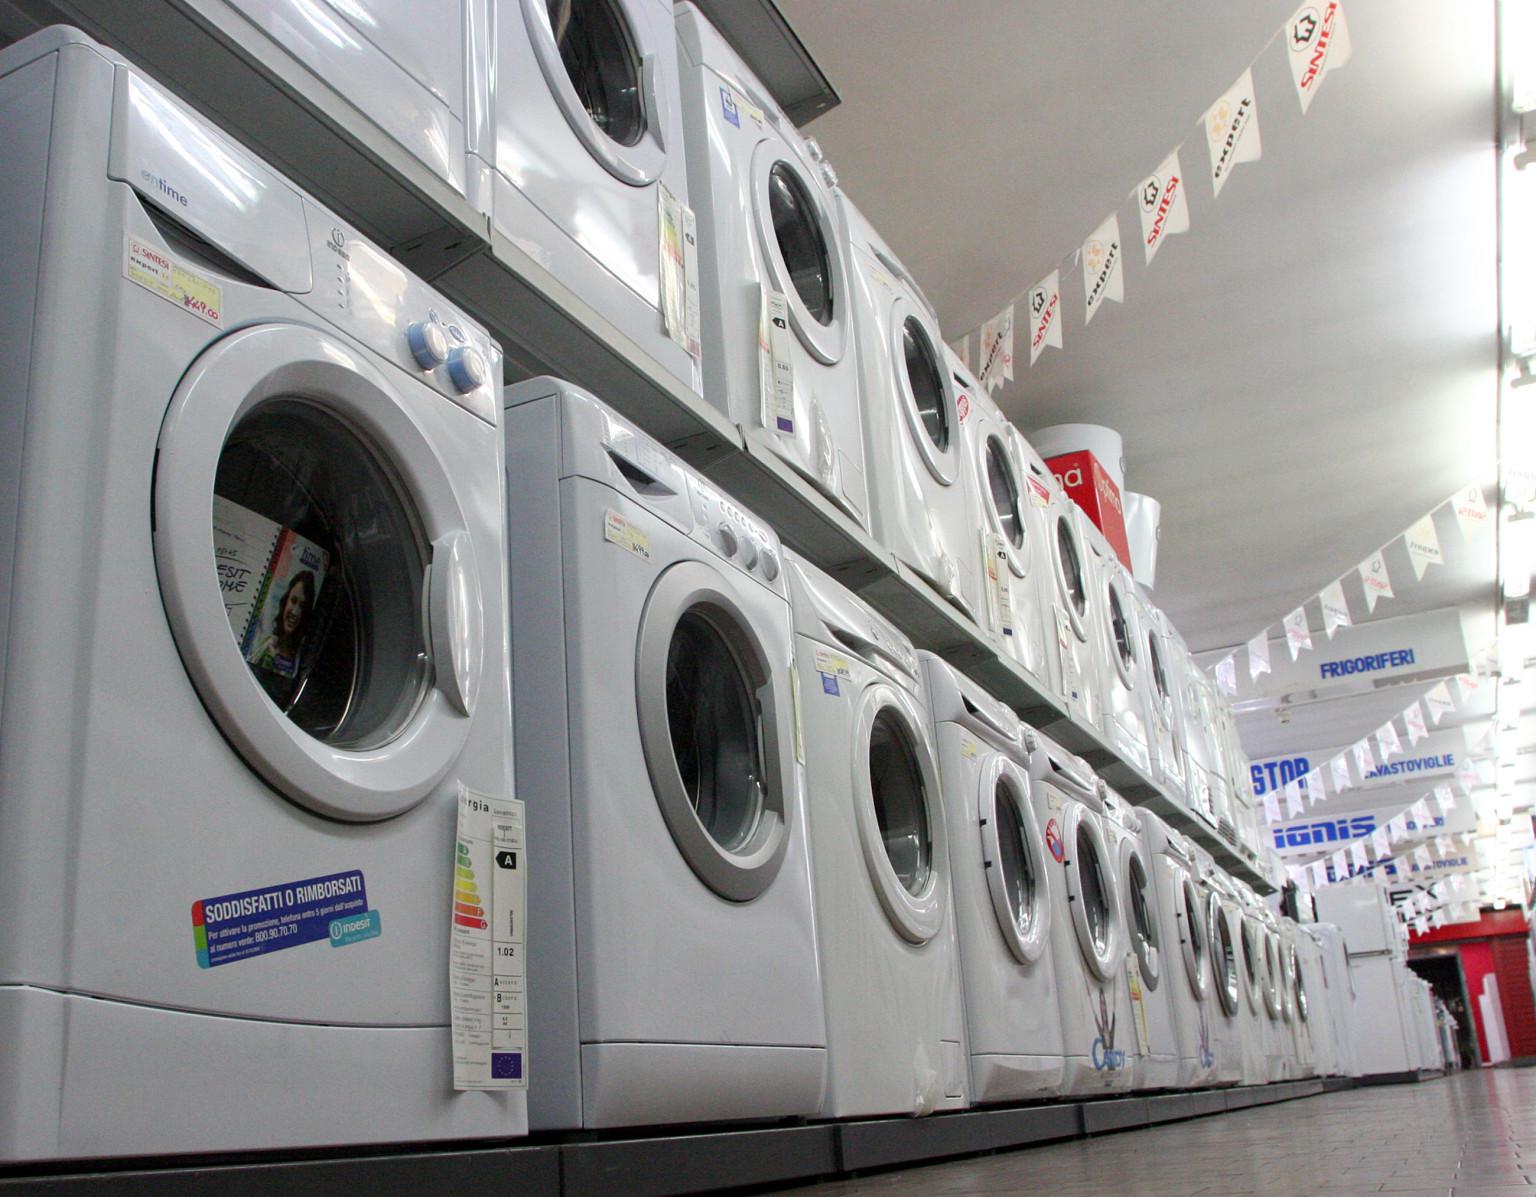 Ecobonus incentivi estesi agli elettrodomestici for Bonus elettrodomestici